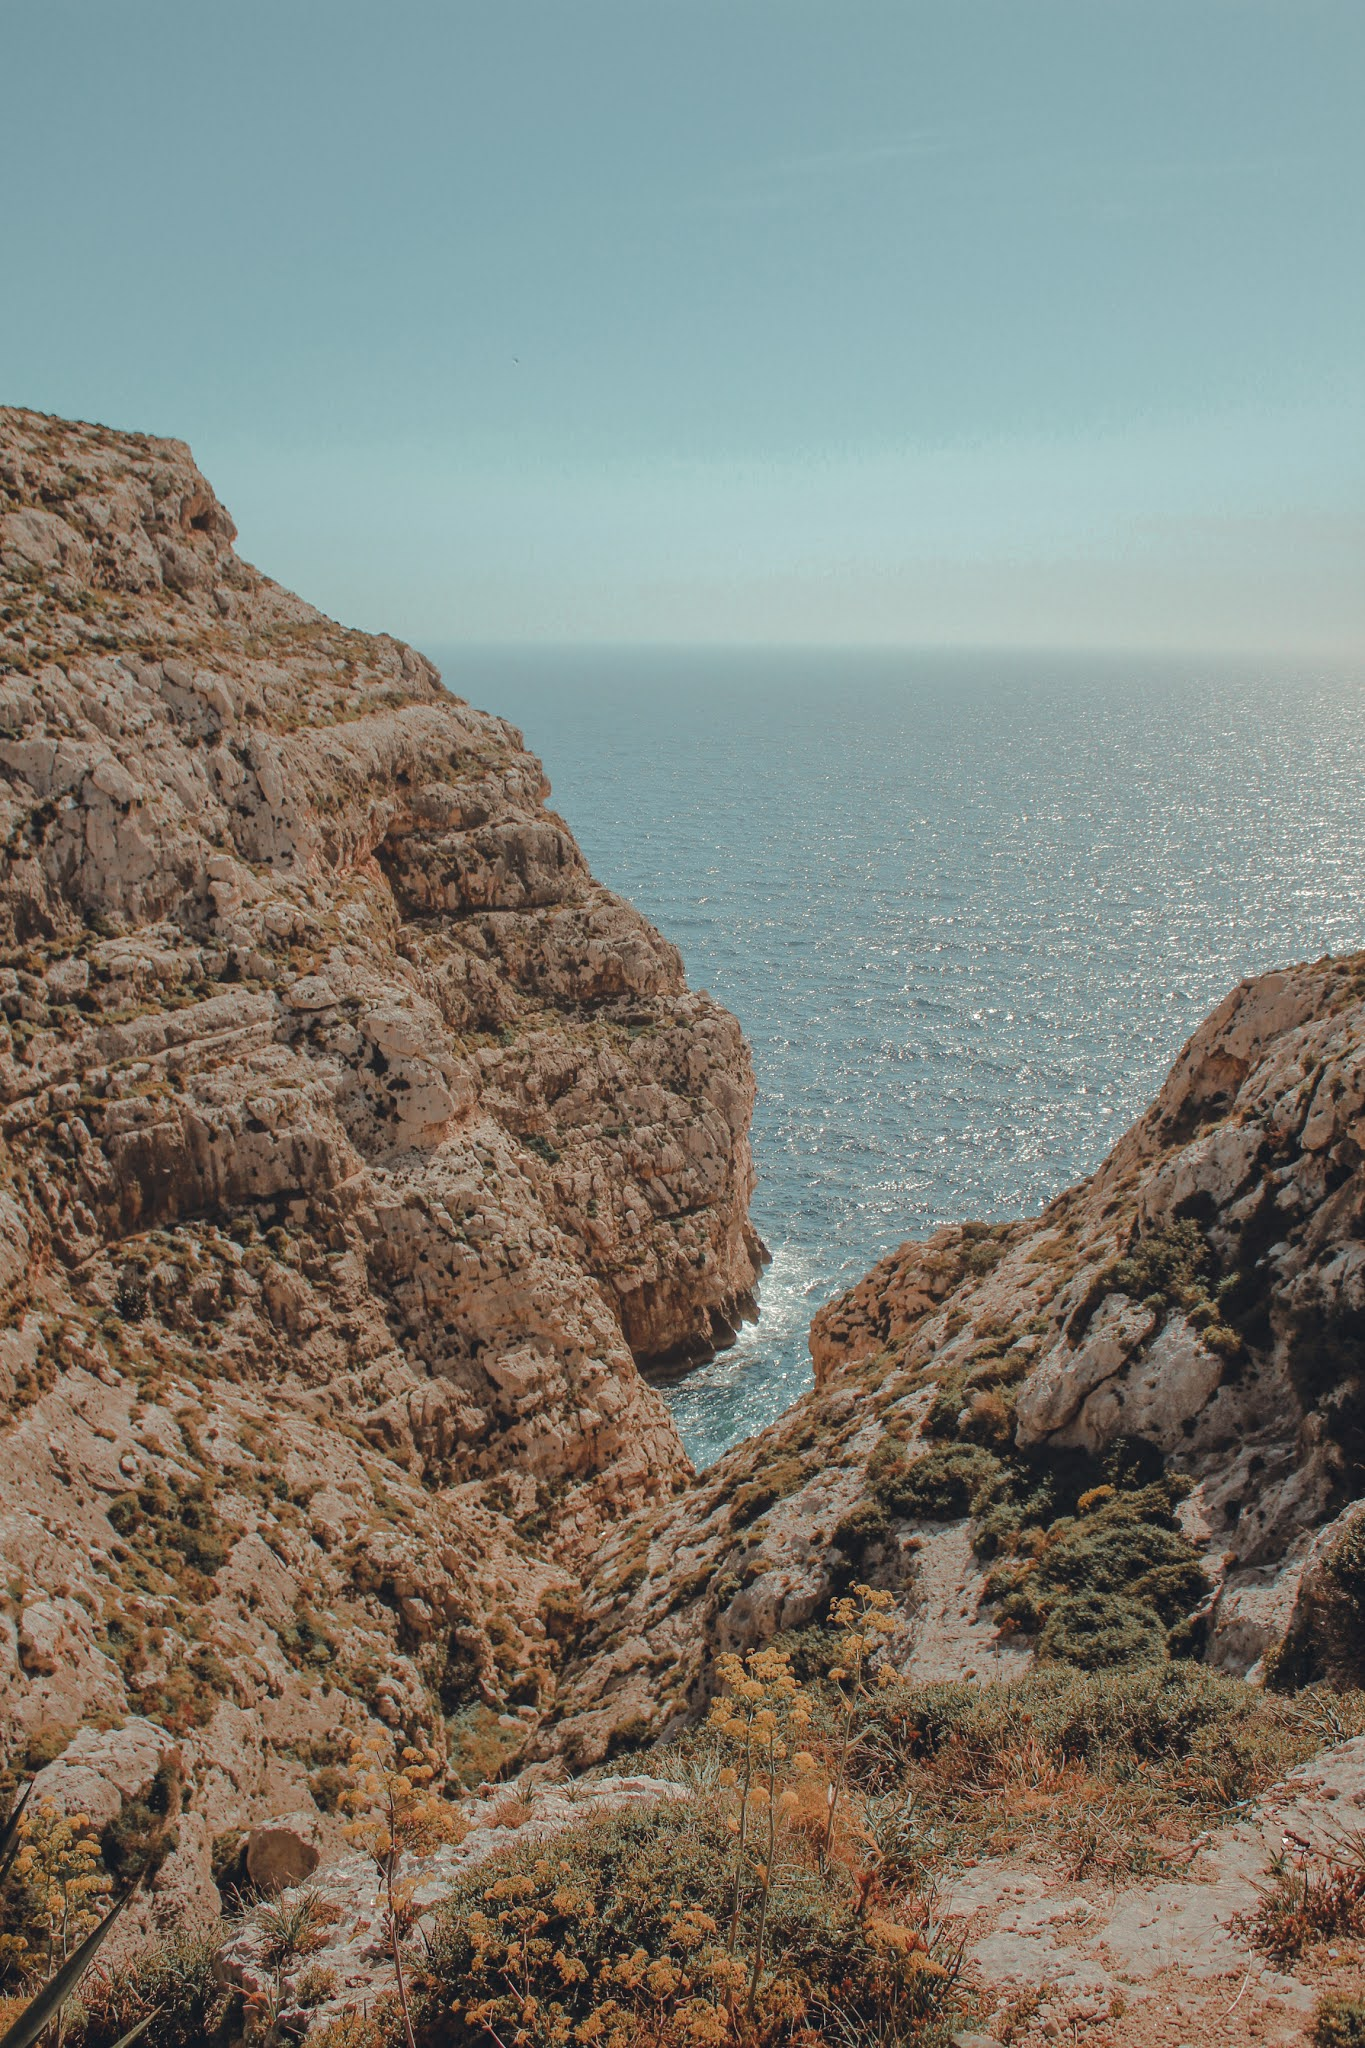 Blaue Grotte Aussichtspunkt Malta